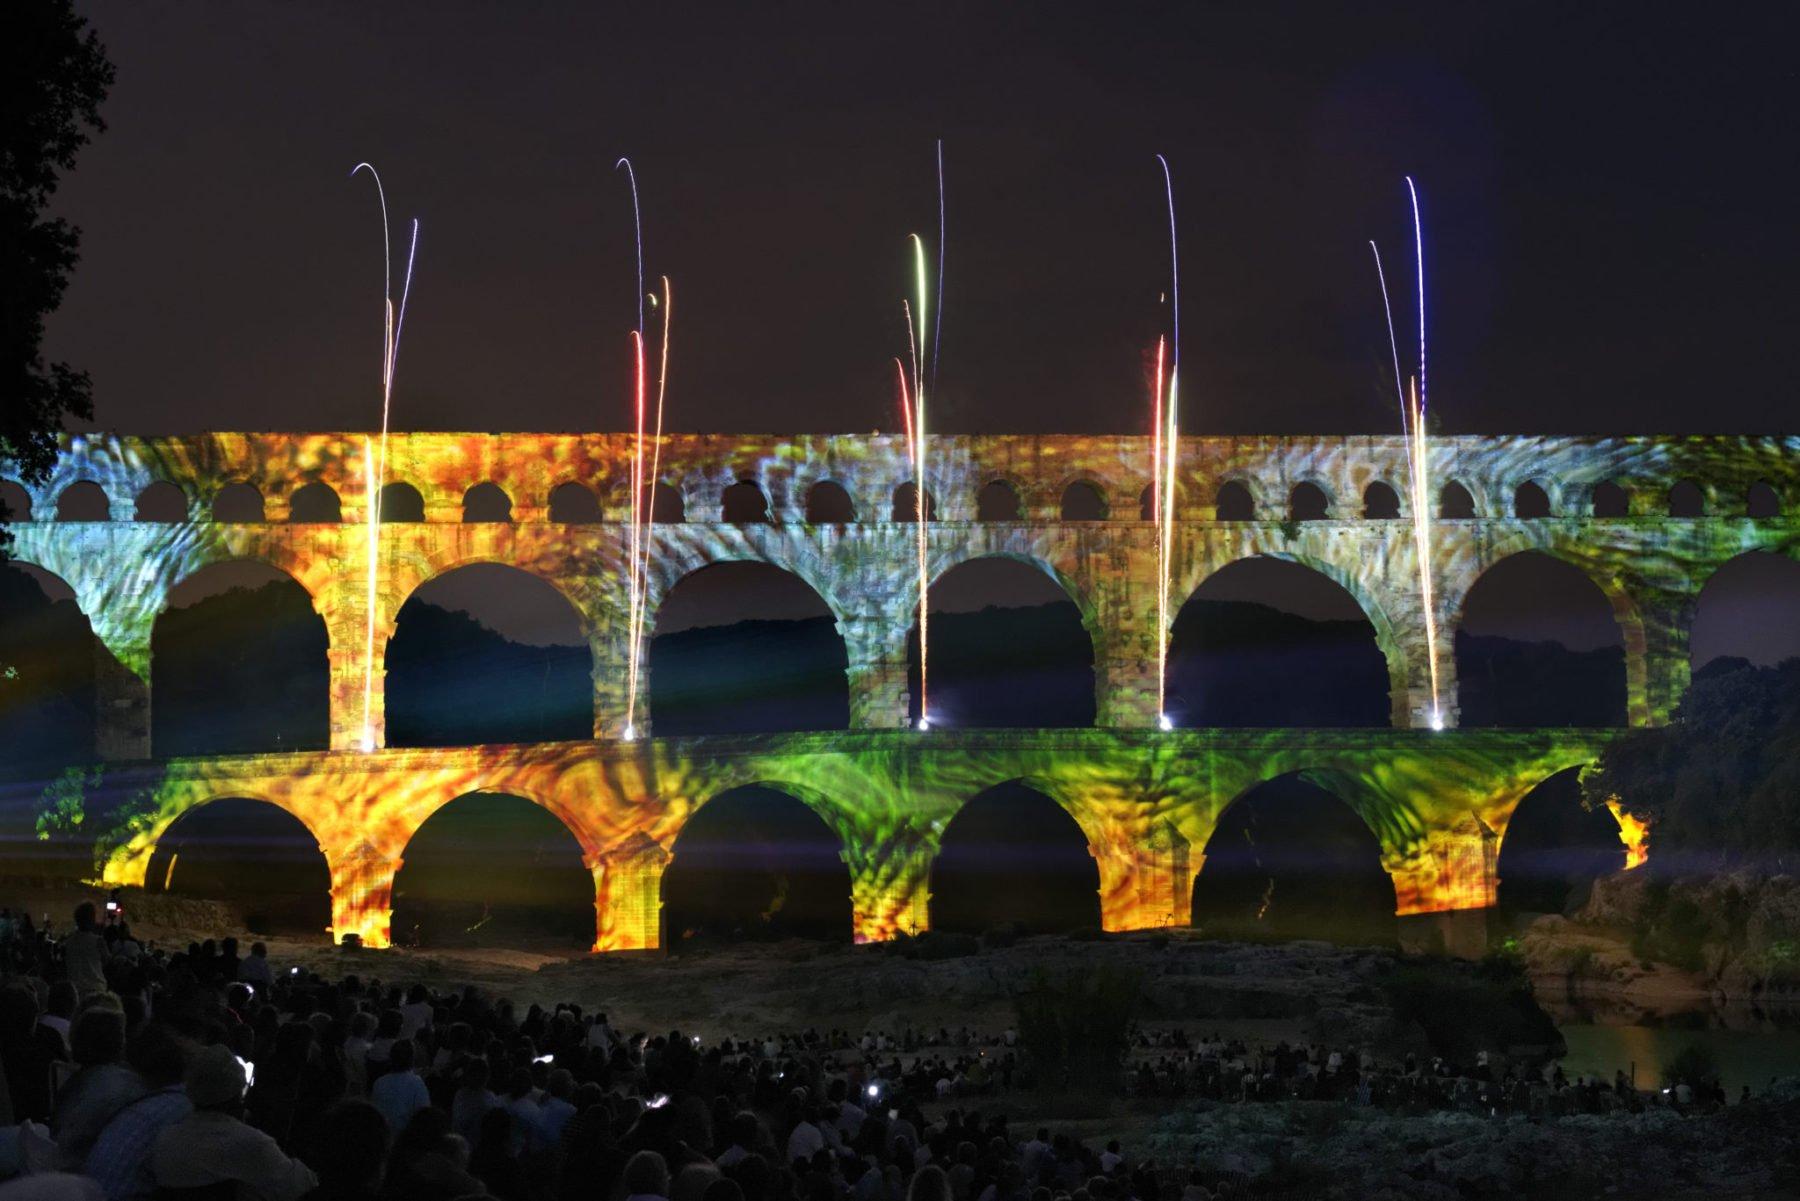 Les Feeries Du Pont Reviennent Enchanter Le Pont Du Gard